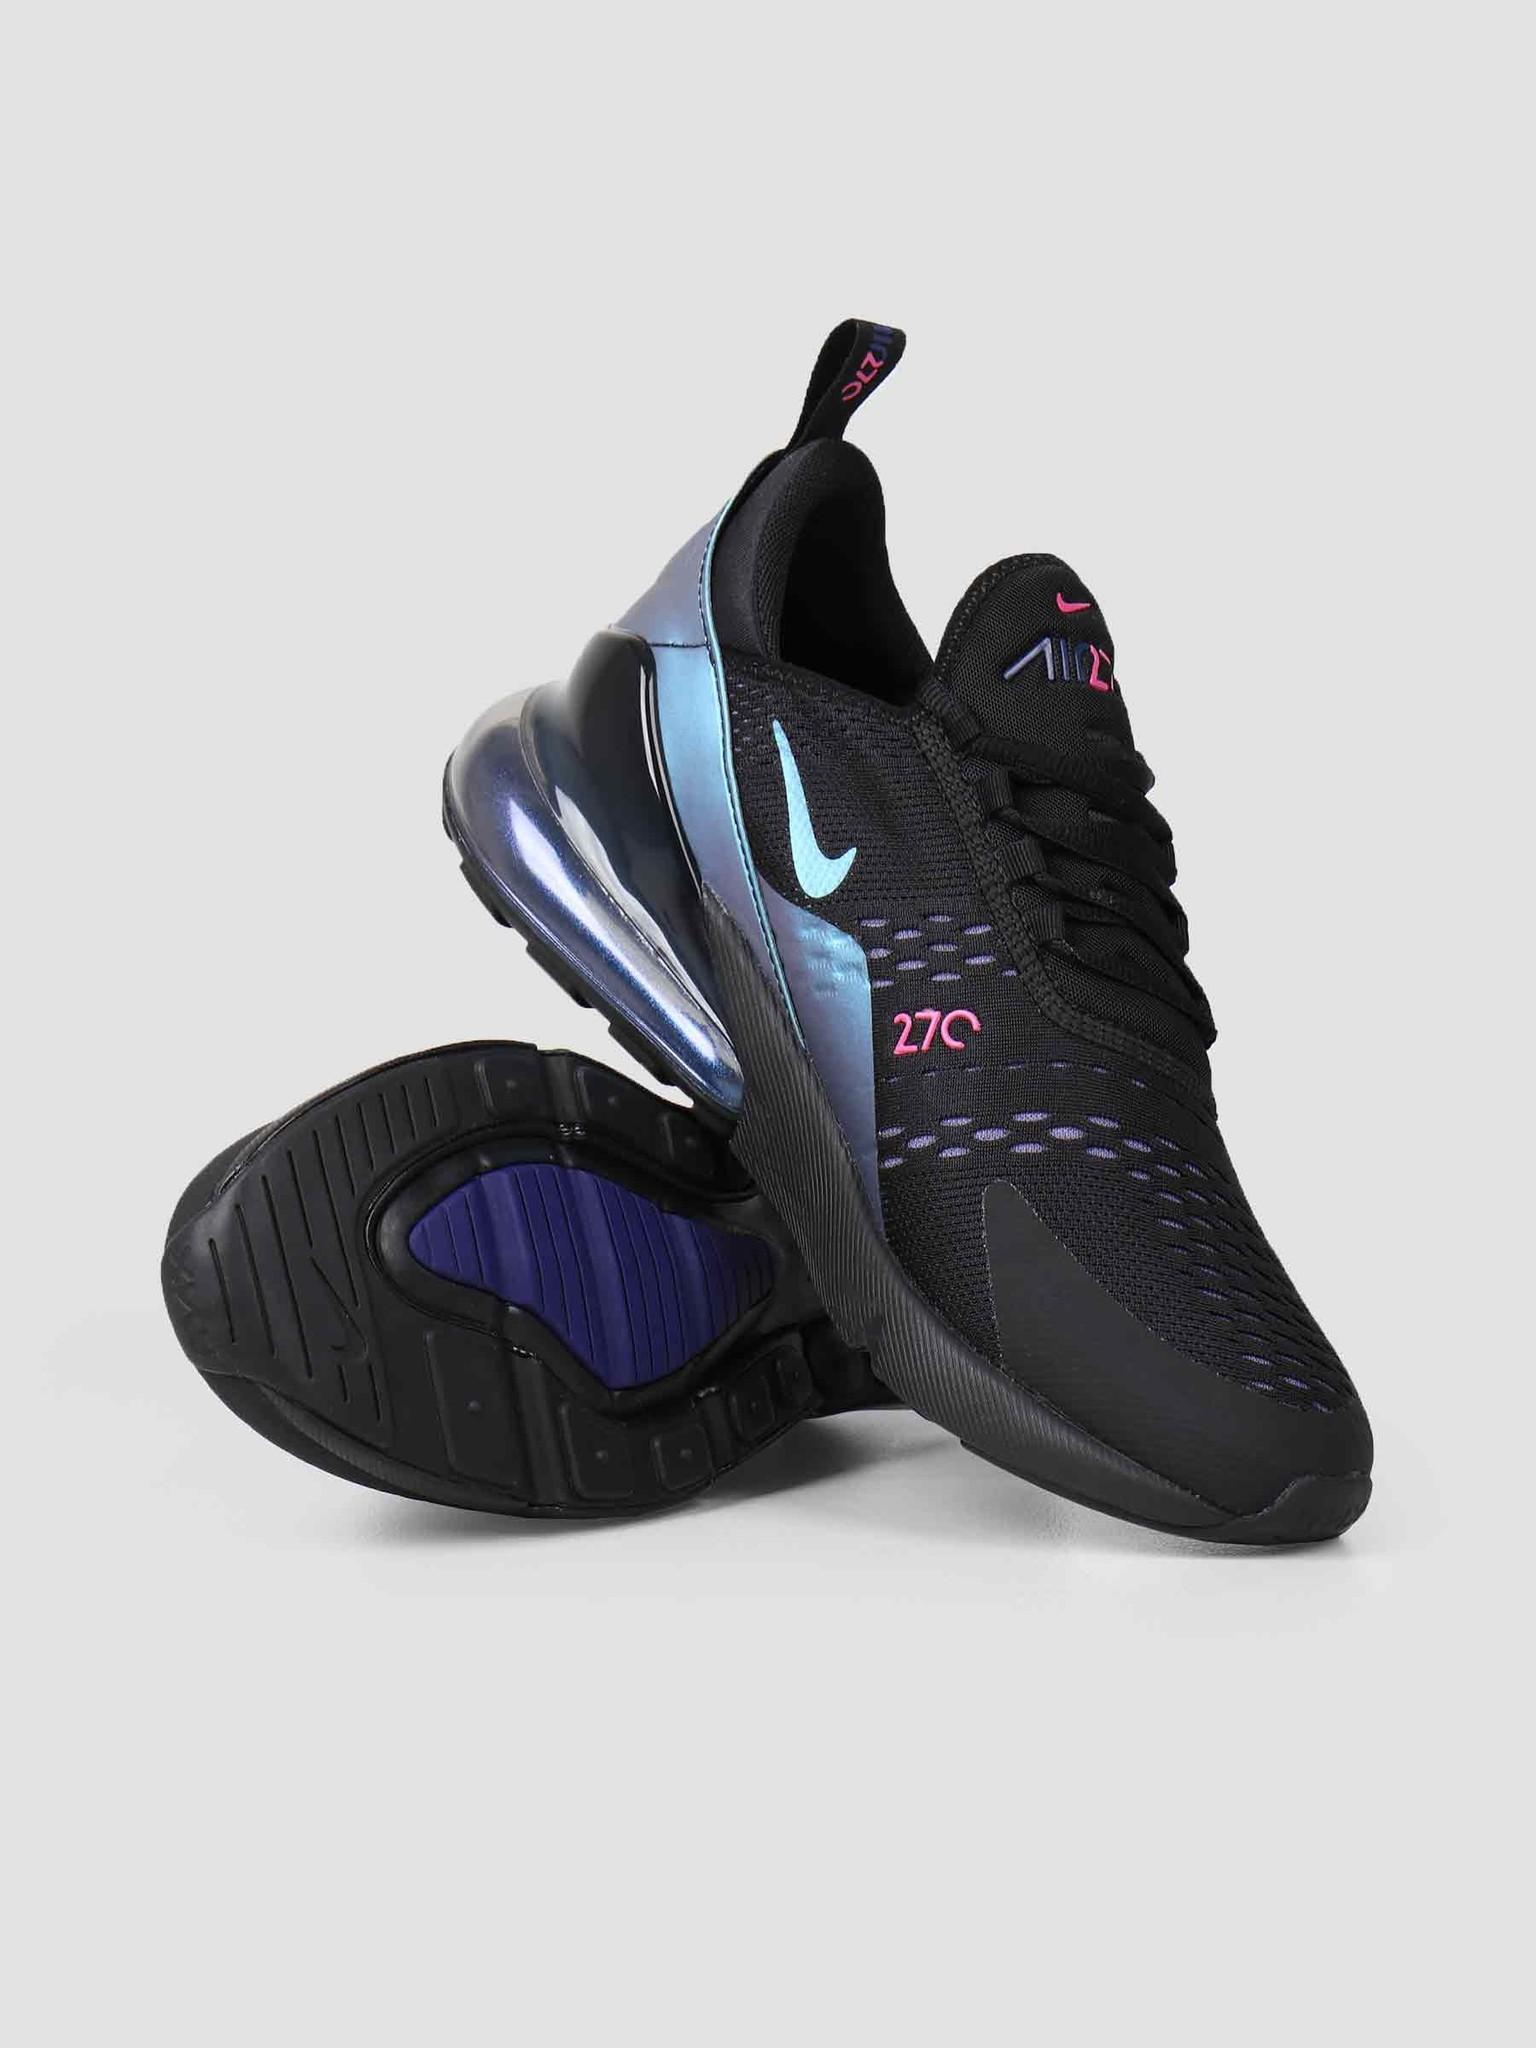 100% autentyczny w sprzedaży hurtowej cienie best sneakers a0da9 6e616 nike air max 270 ah8050 020 1 ...